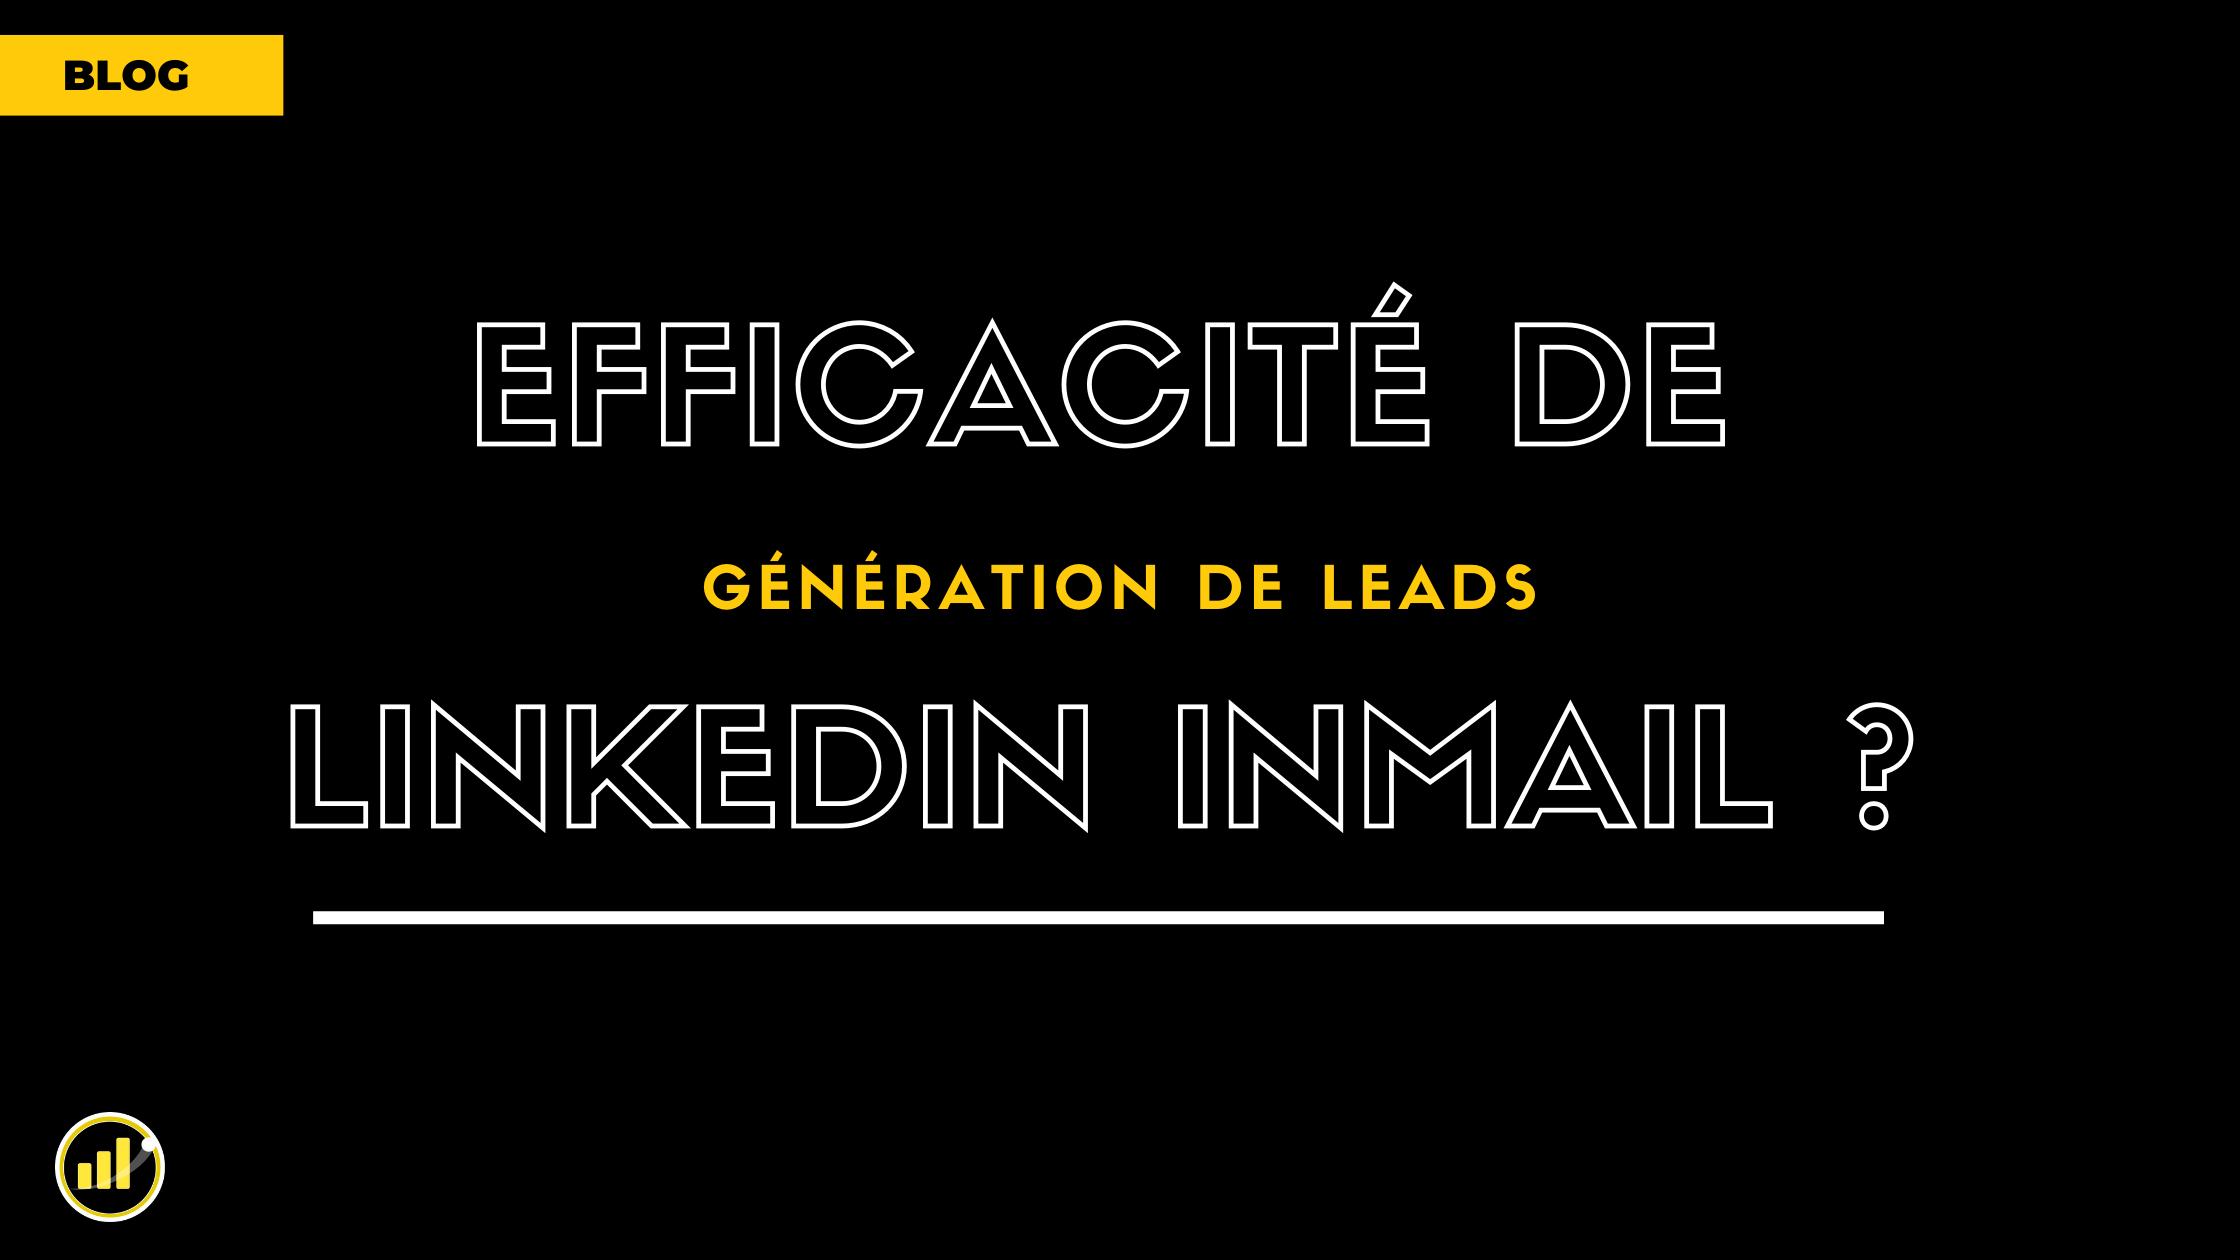 LINKEDIN InMail fonctionne ou pas ( réellement ) ?